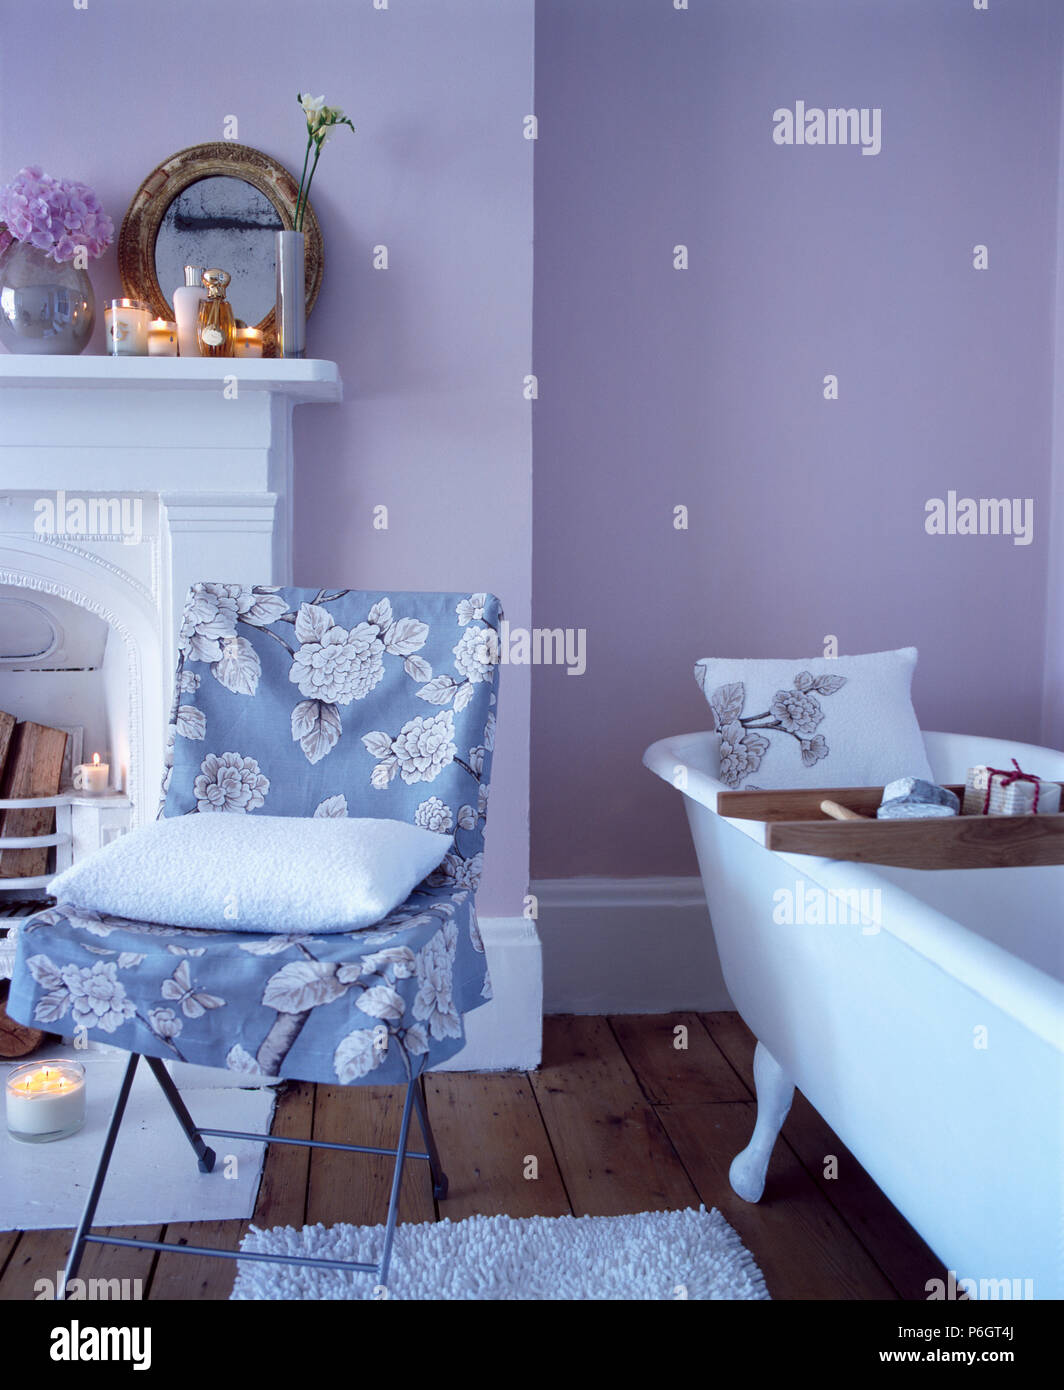 Blau Weiss Blumen Lose Abdeckung Auf Stuhl Neben Freistehenden